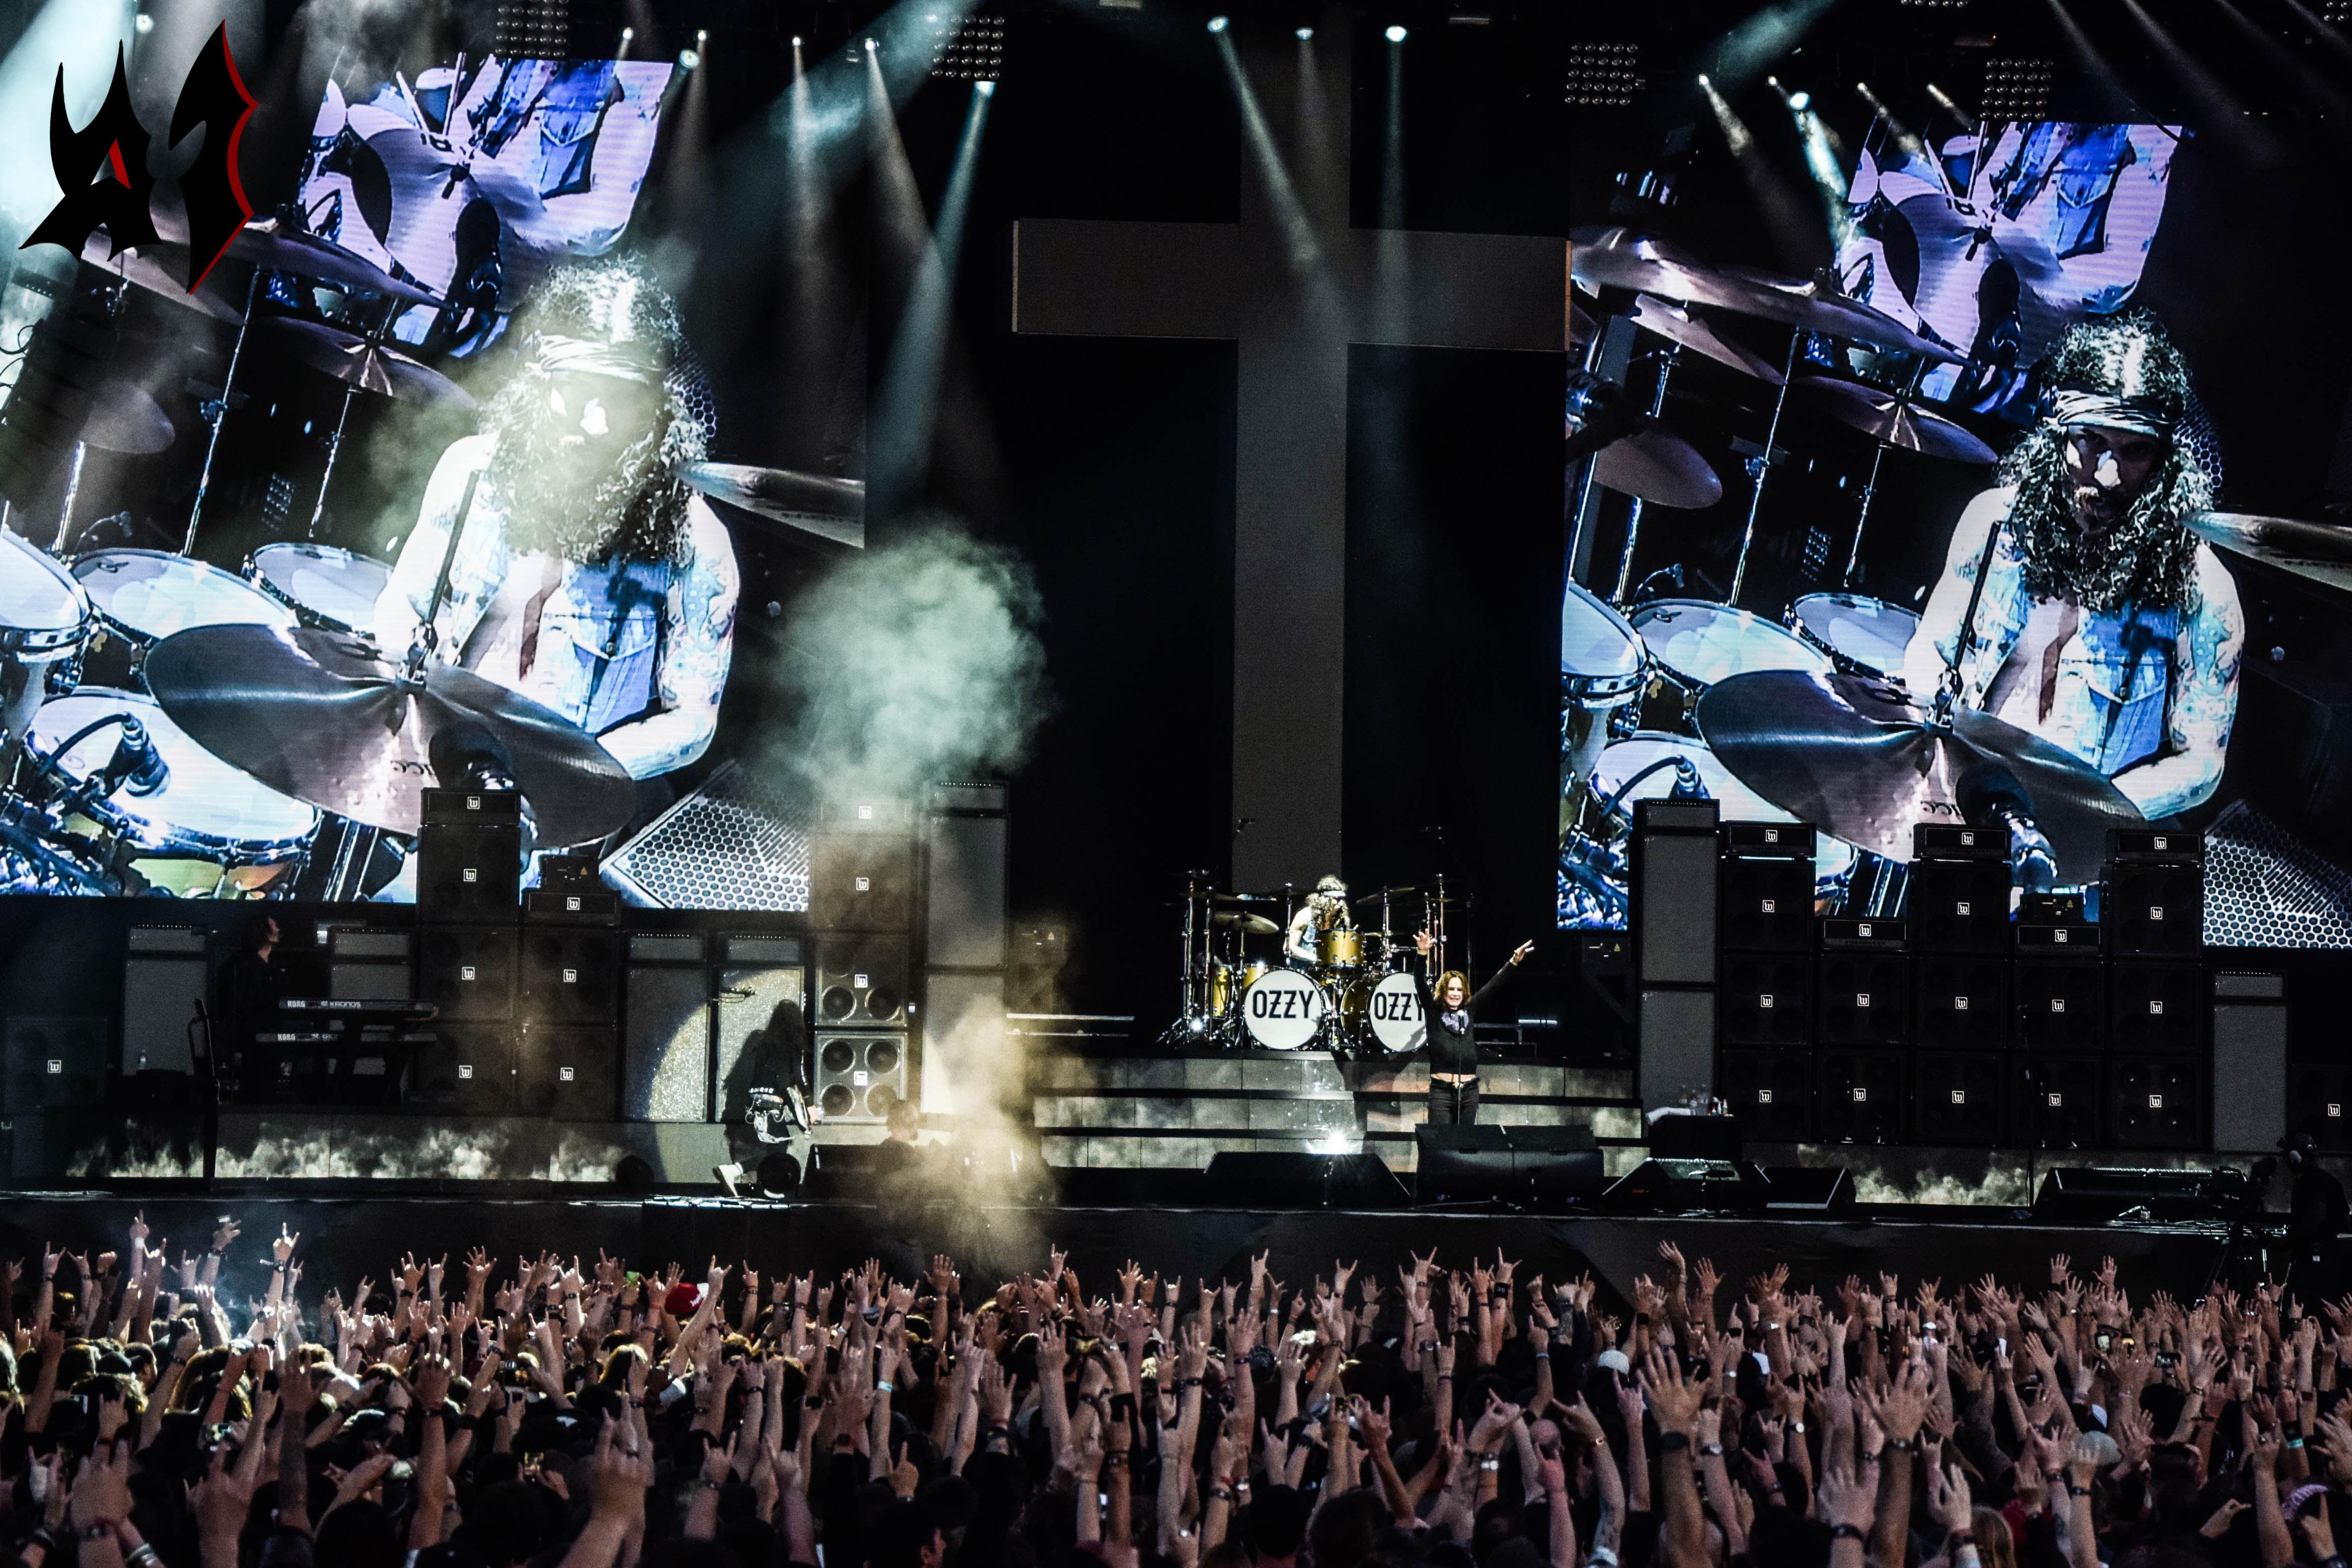 Donwload 2018 – Day 1 - Ozzy Osbourne 1